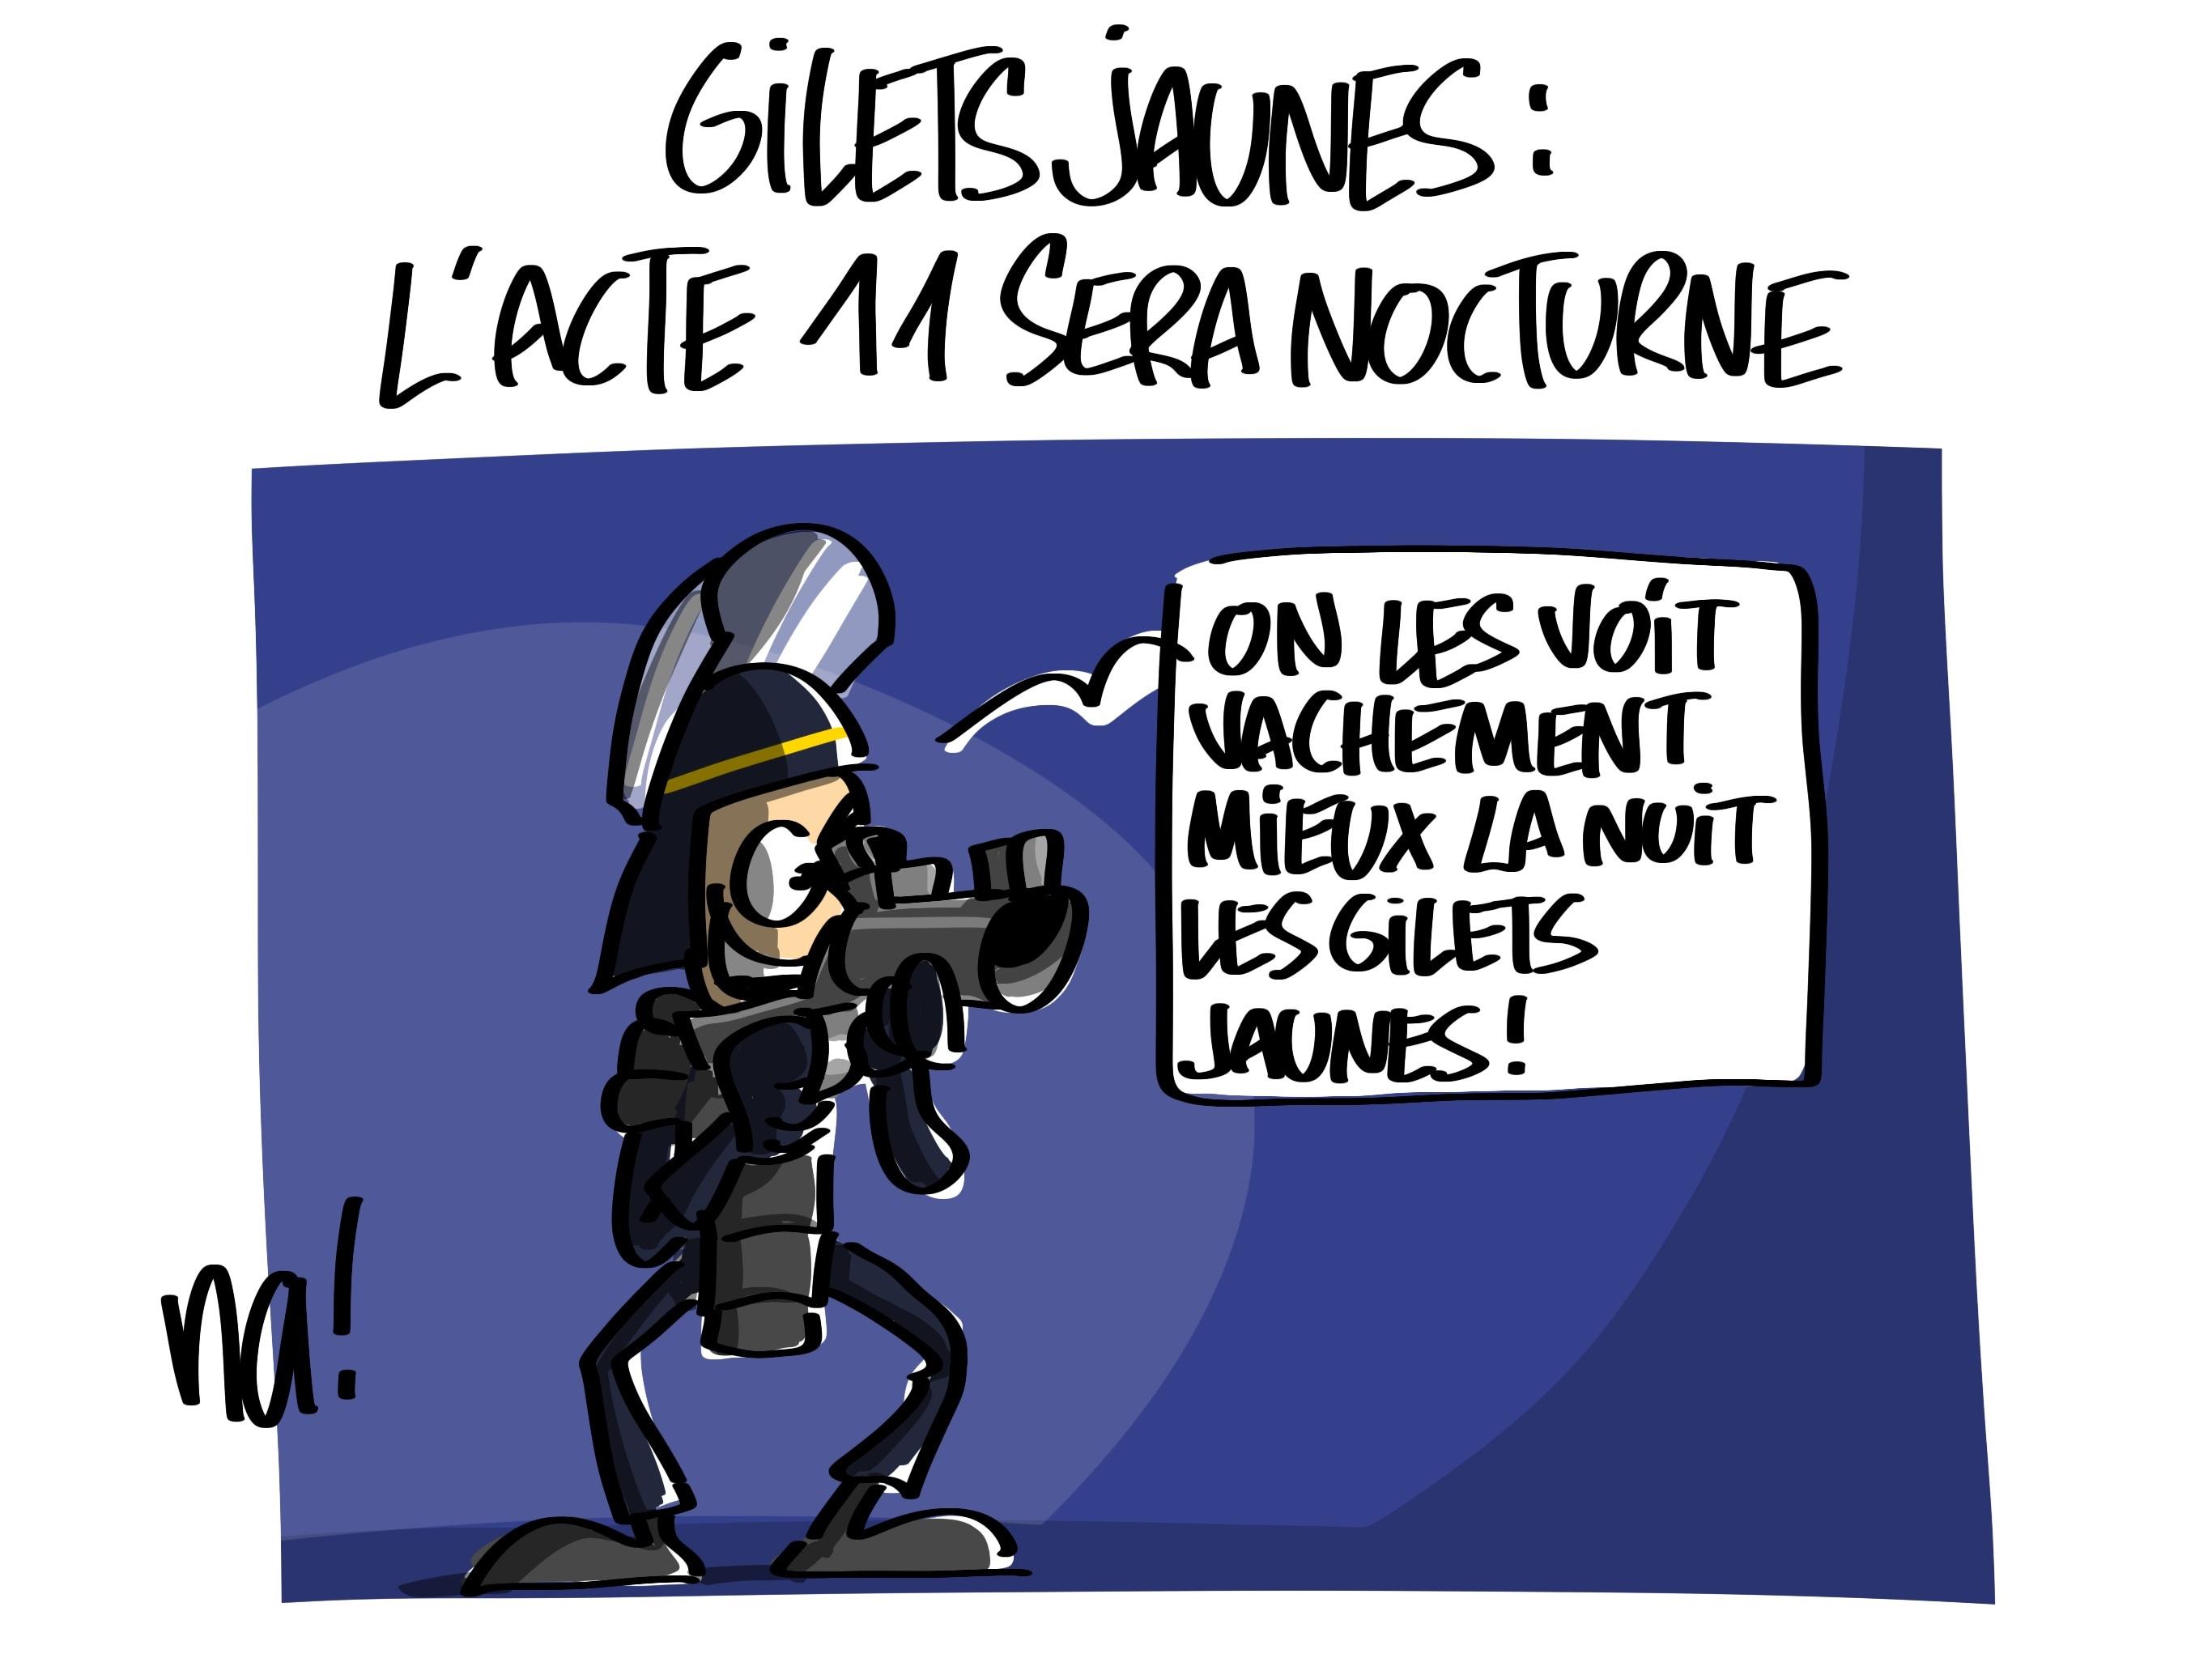 2427_gilets_jaunes_nocturne